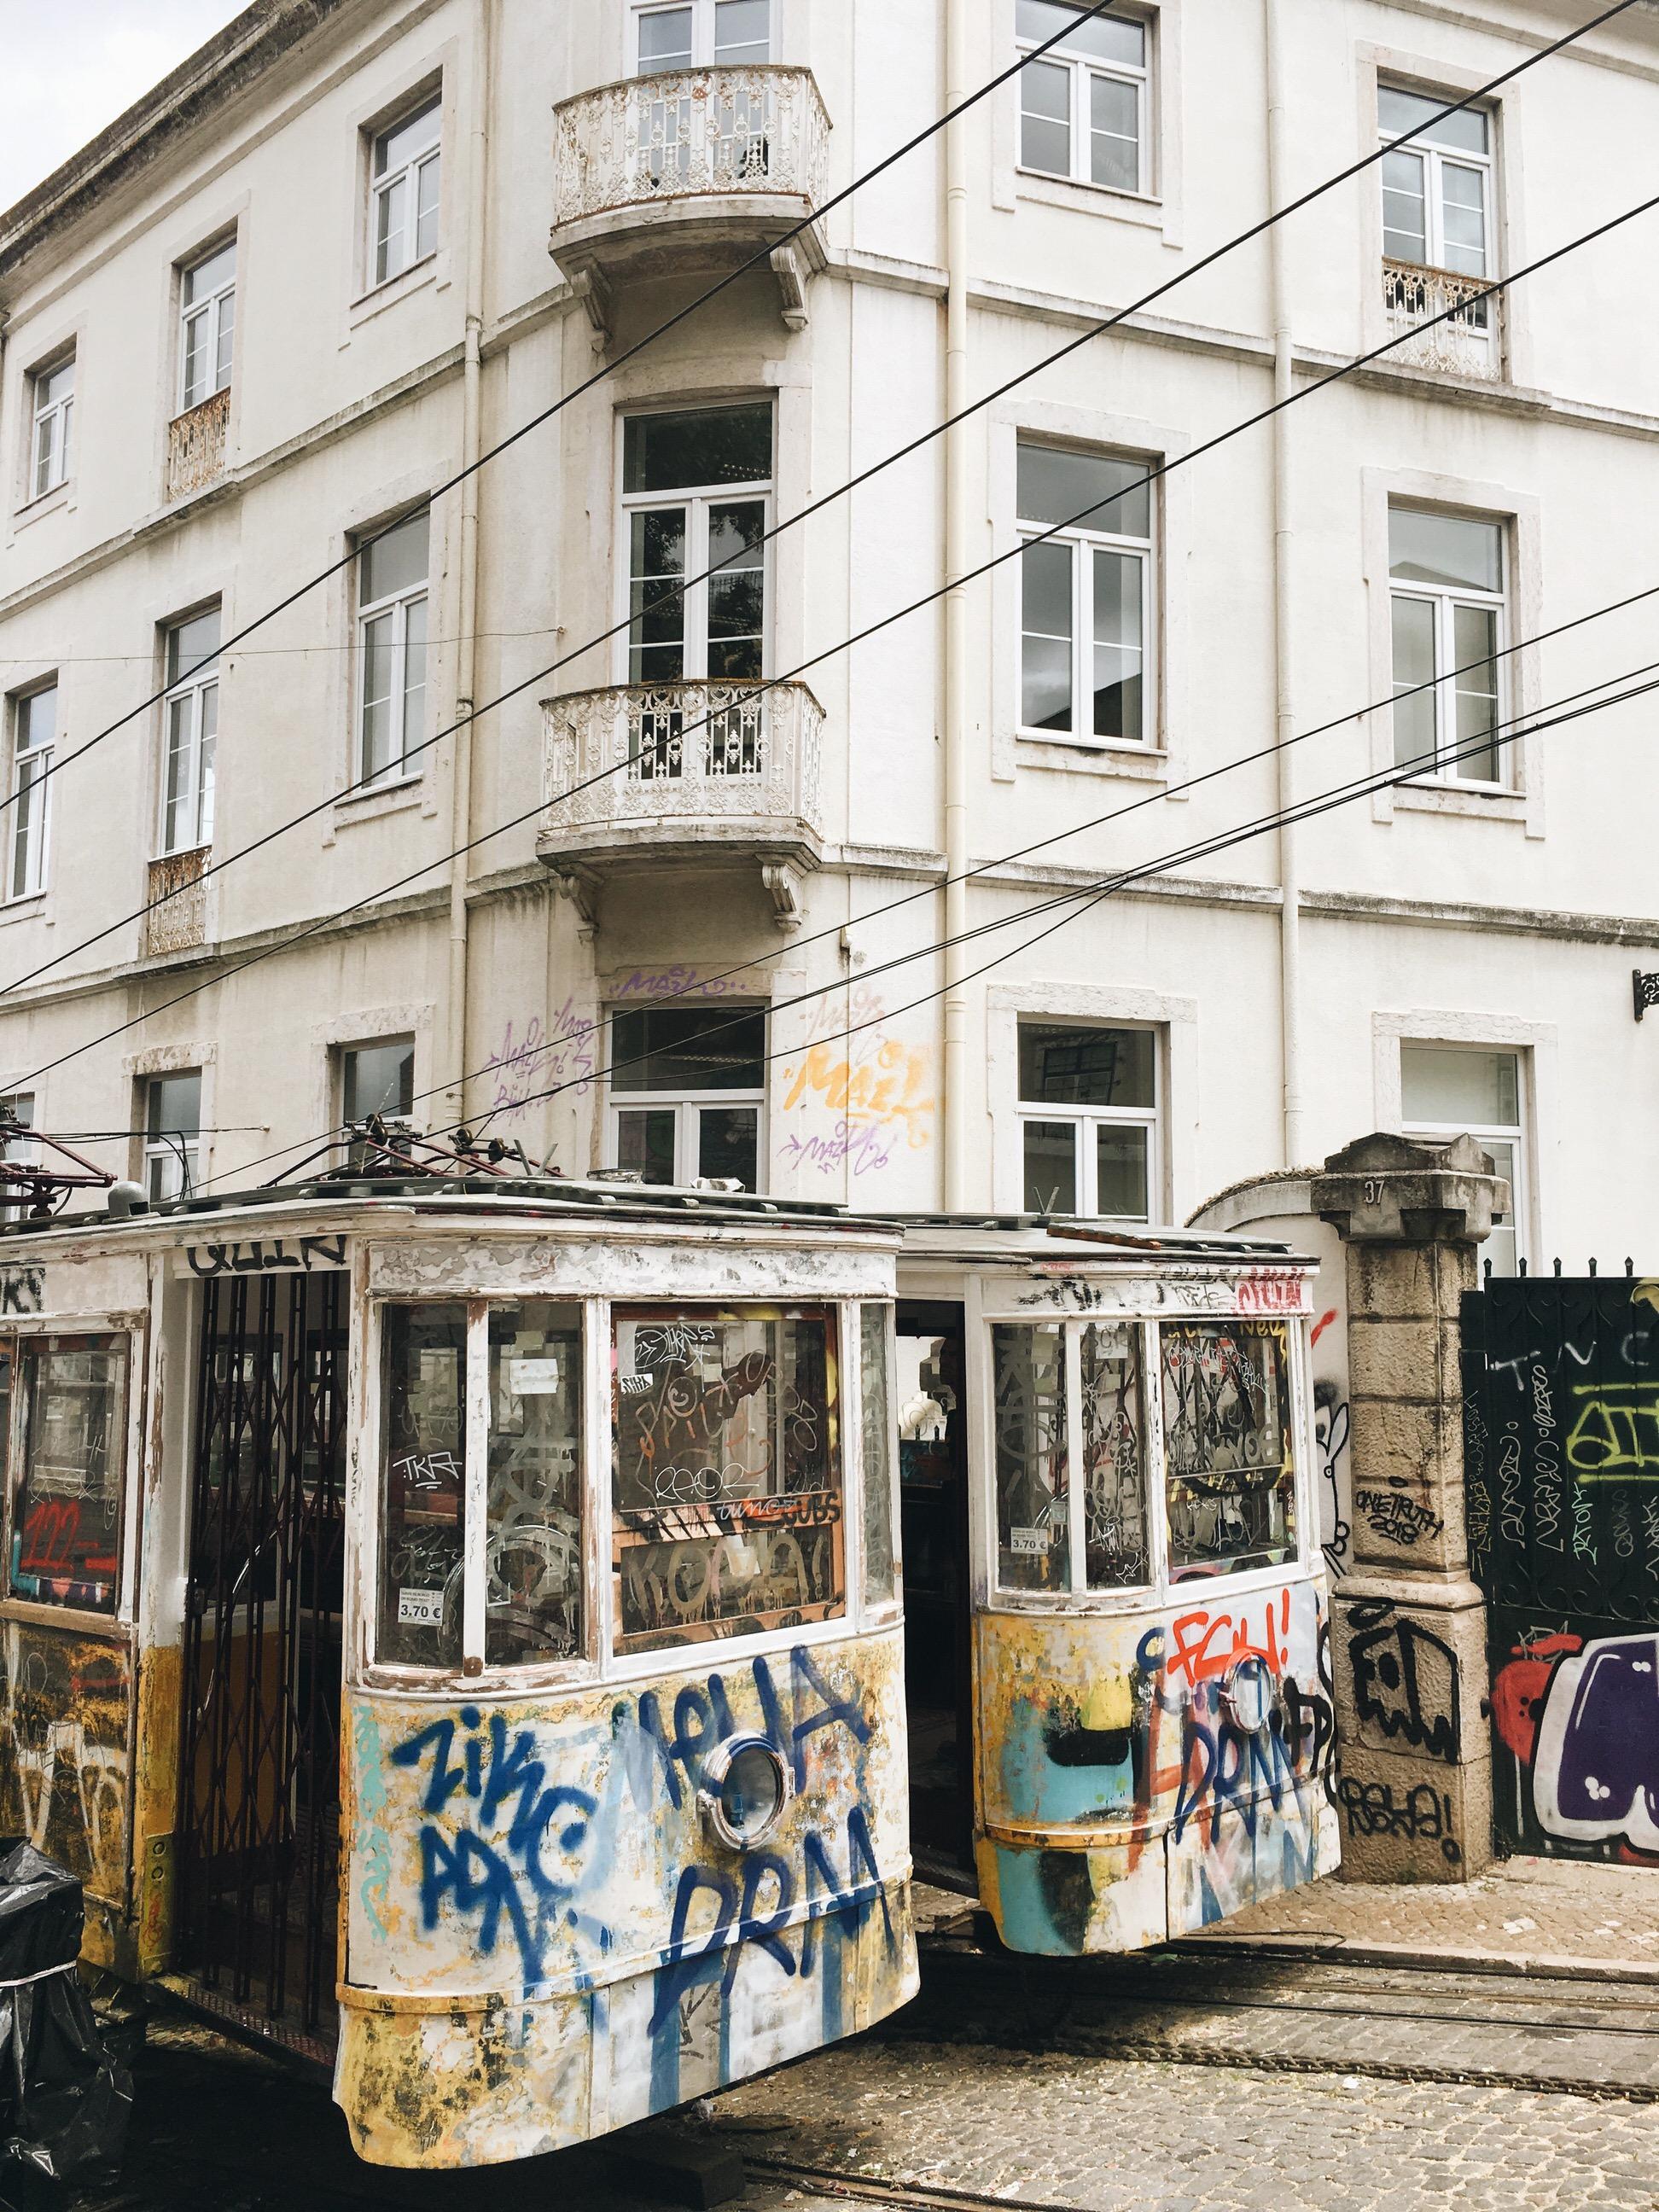 Ein Städtetrip nach Lissabon der Reisebericht auf meinem Reiseblog